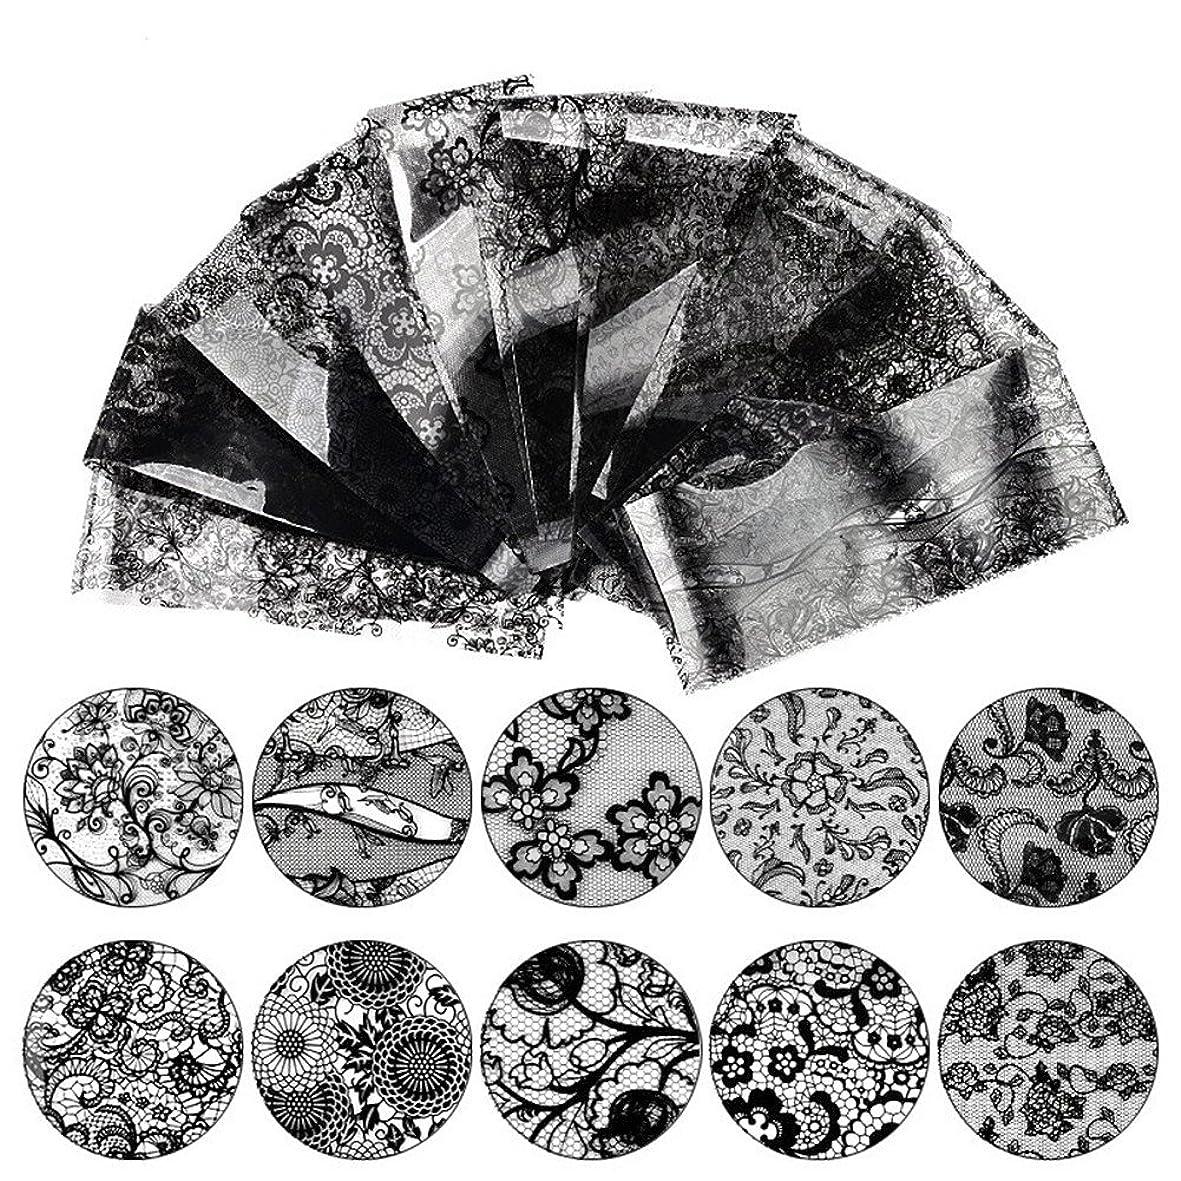 クリーム視線注入する10種セット 黒白2色から選べレースネイルホイルフォイル クラッシュ ギアピーコックパータン ネイルシーツネイルパーツネイルアート (黒)